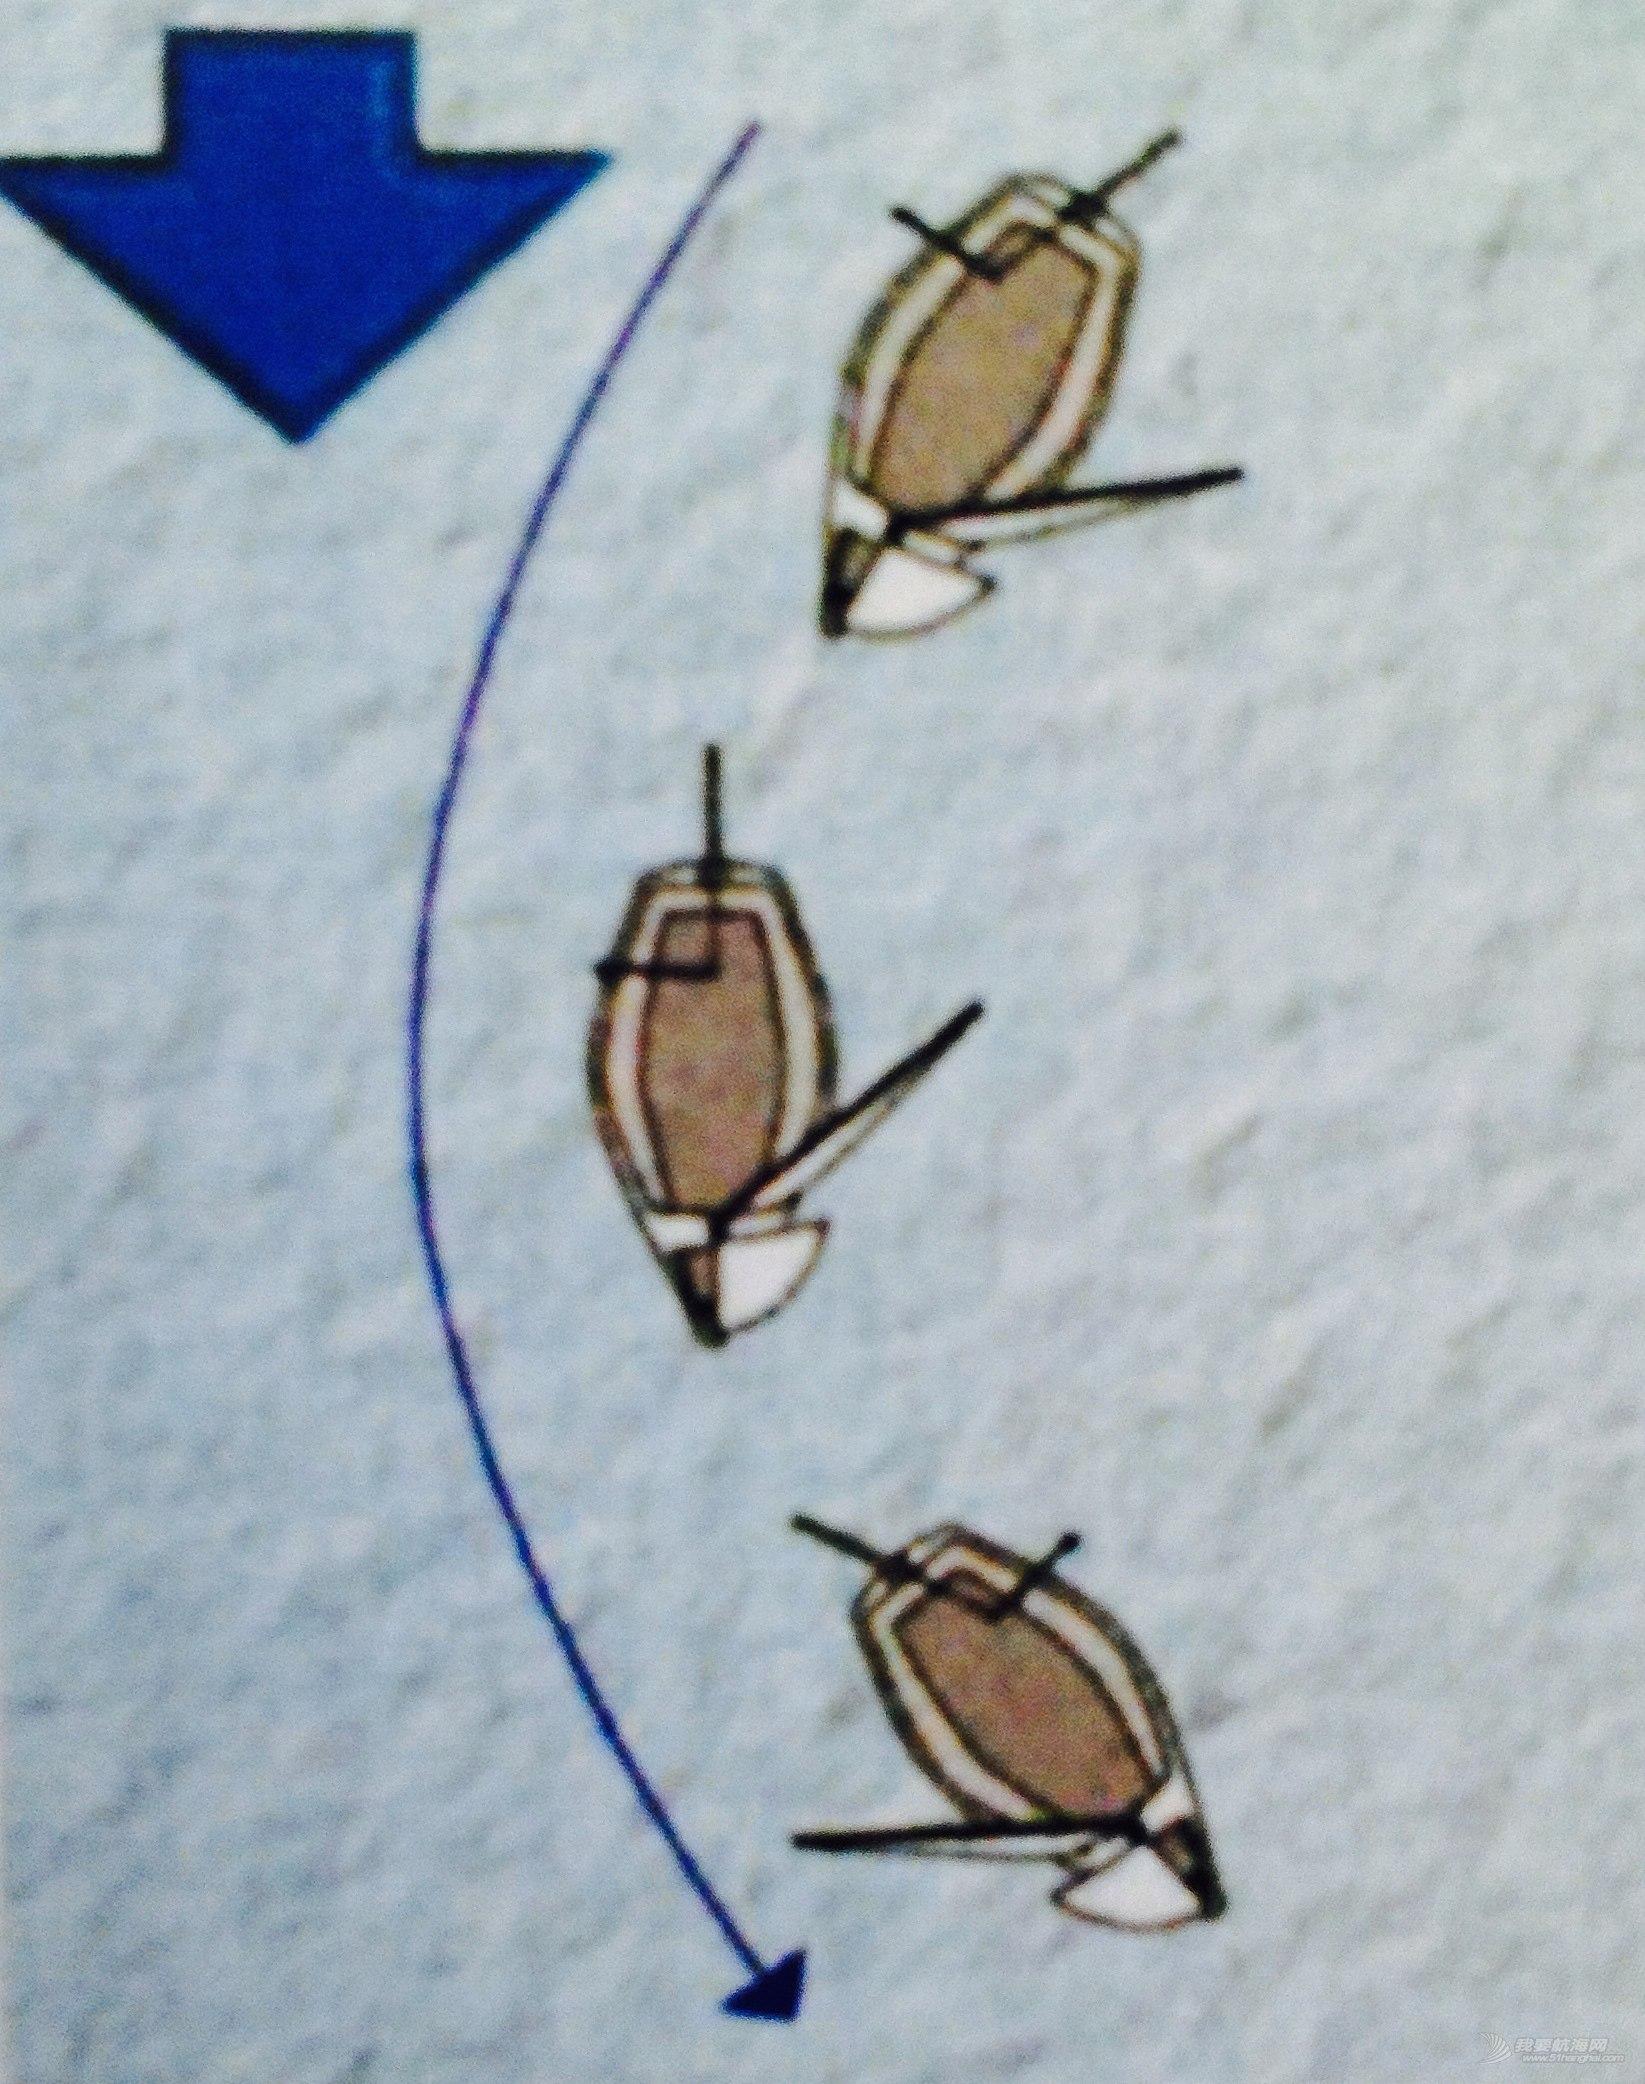 顺风换舷:今天我们要学的是船尾越过风向.---徐莉佳帆船漫画